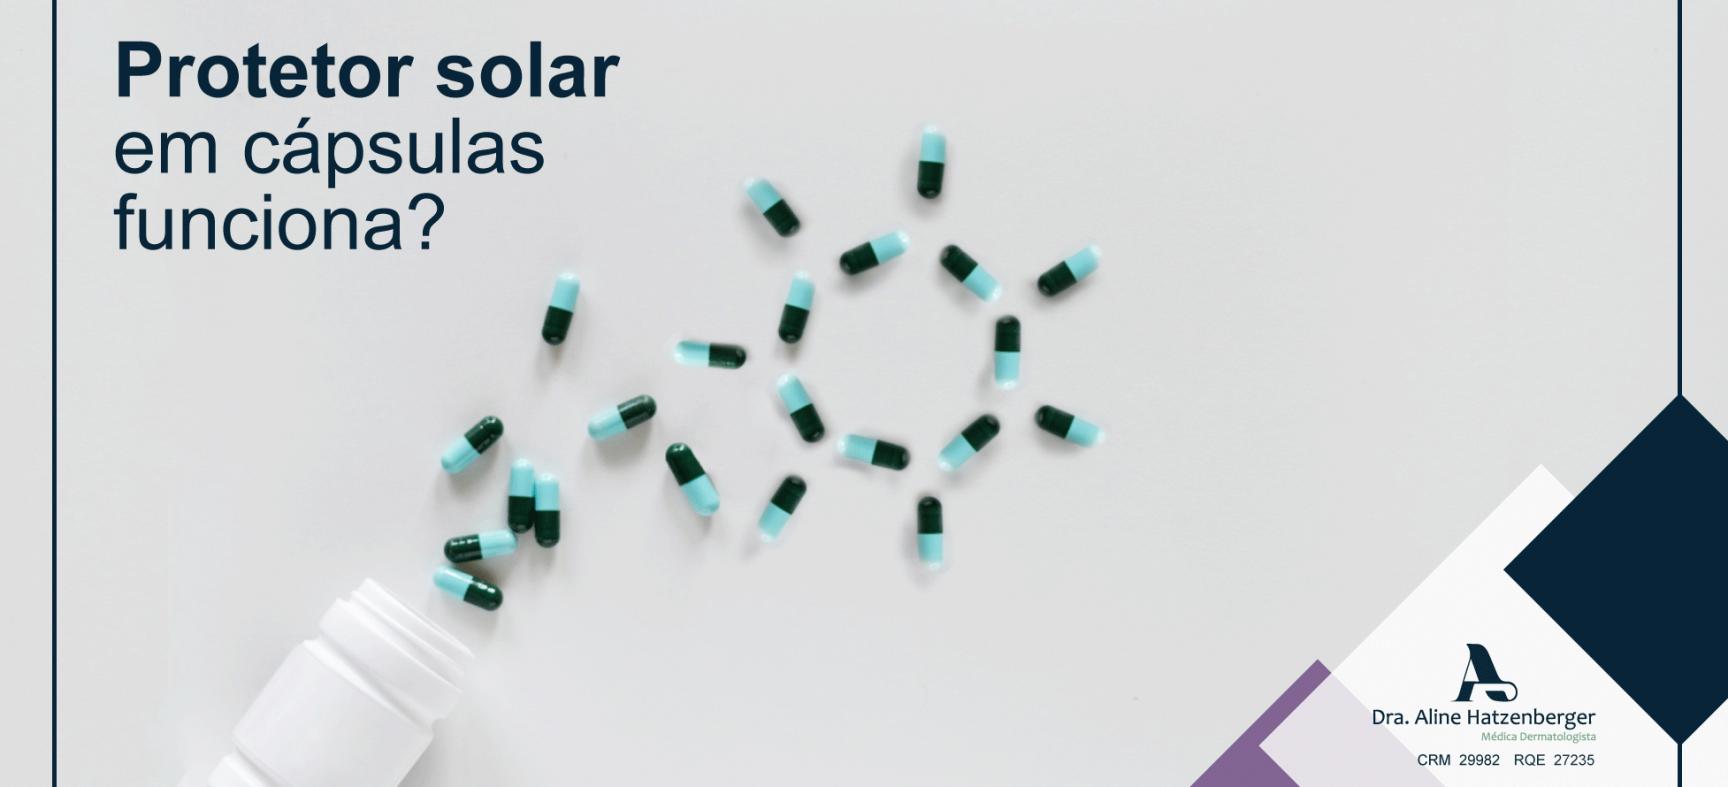 Protetor solar em cápsula é eficaz?